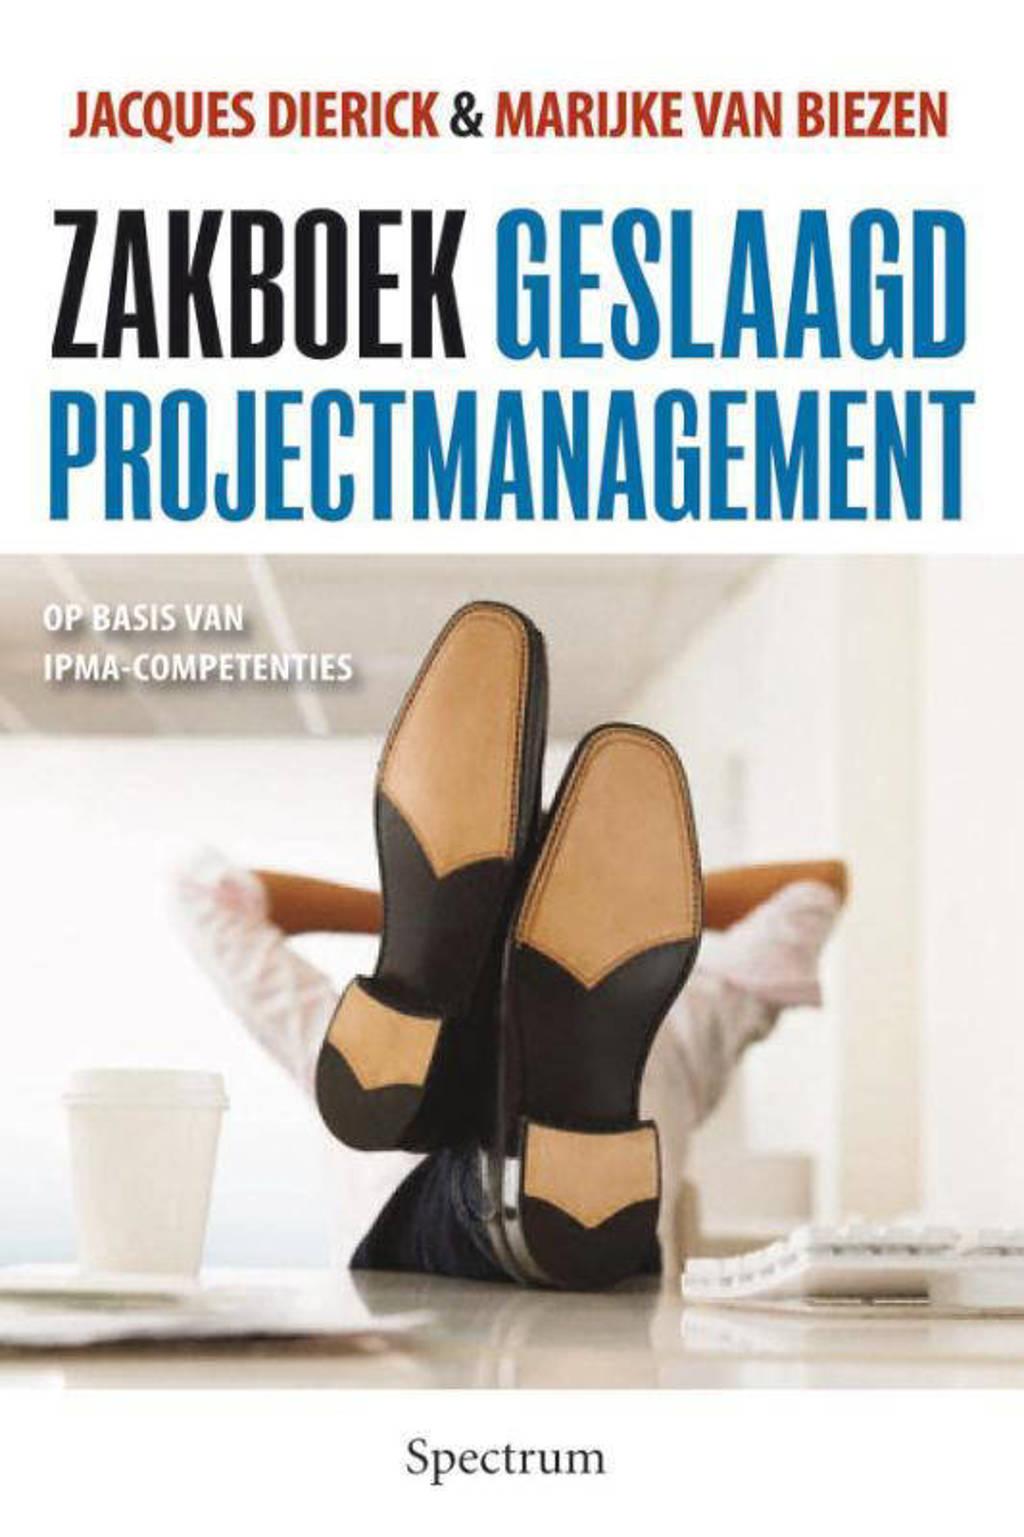 Zakboek voor geslaagd projectmanagement - Jacques Dierick en Marc van Biezen